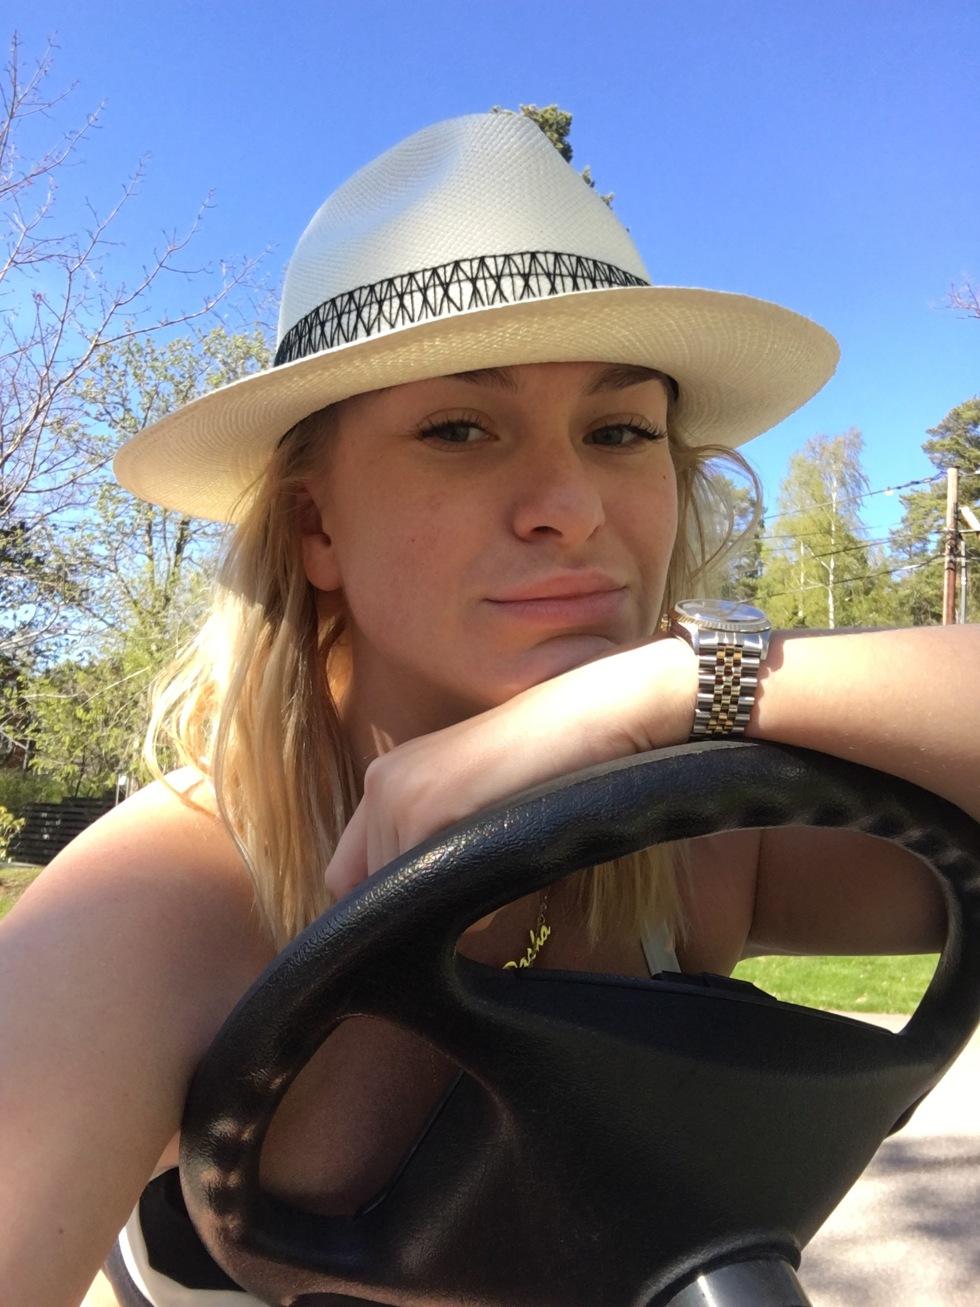 bb1c12bc69f3 Jag ville inte släppa ifrån mig golfbilen. Blev betuttad i den.